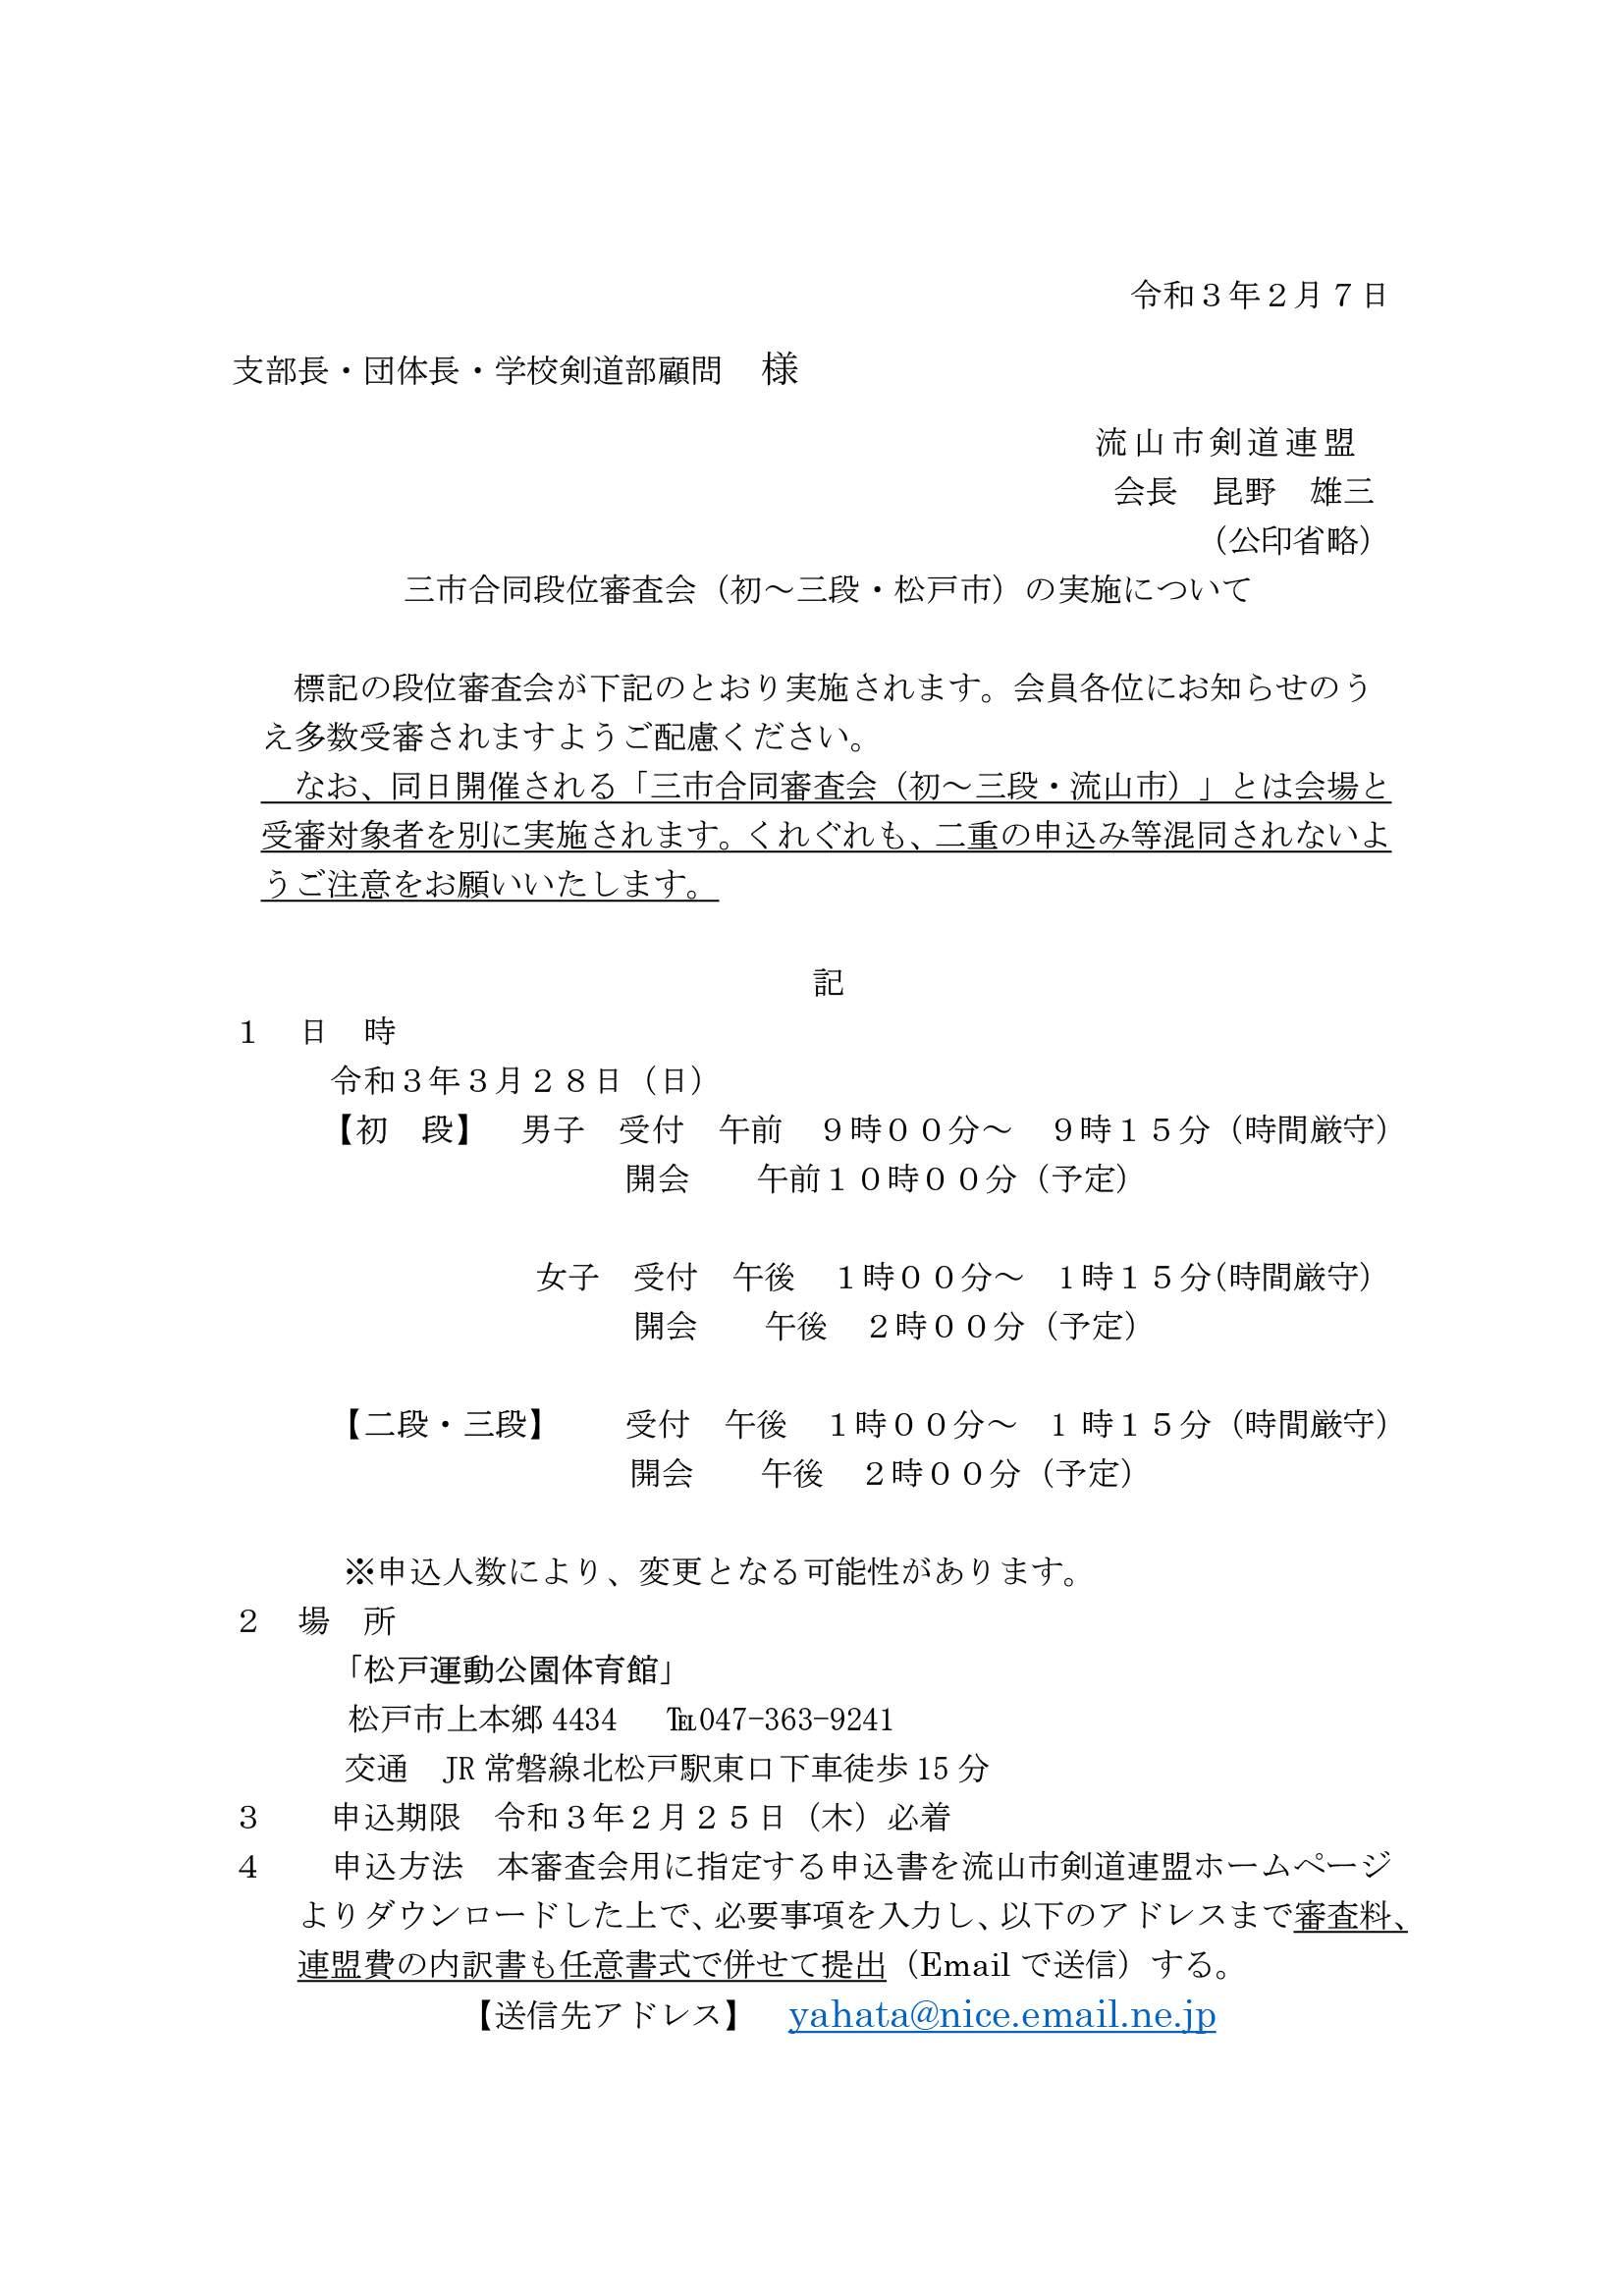 2021.3.28松戸会場通知_0001